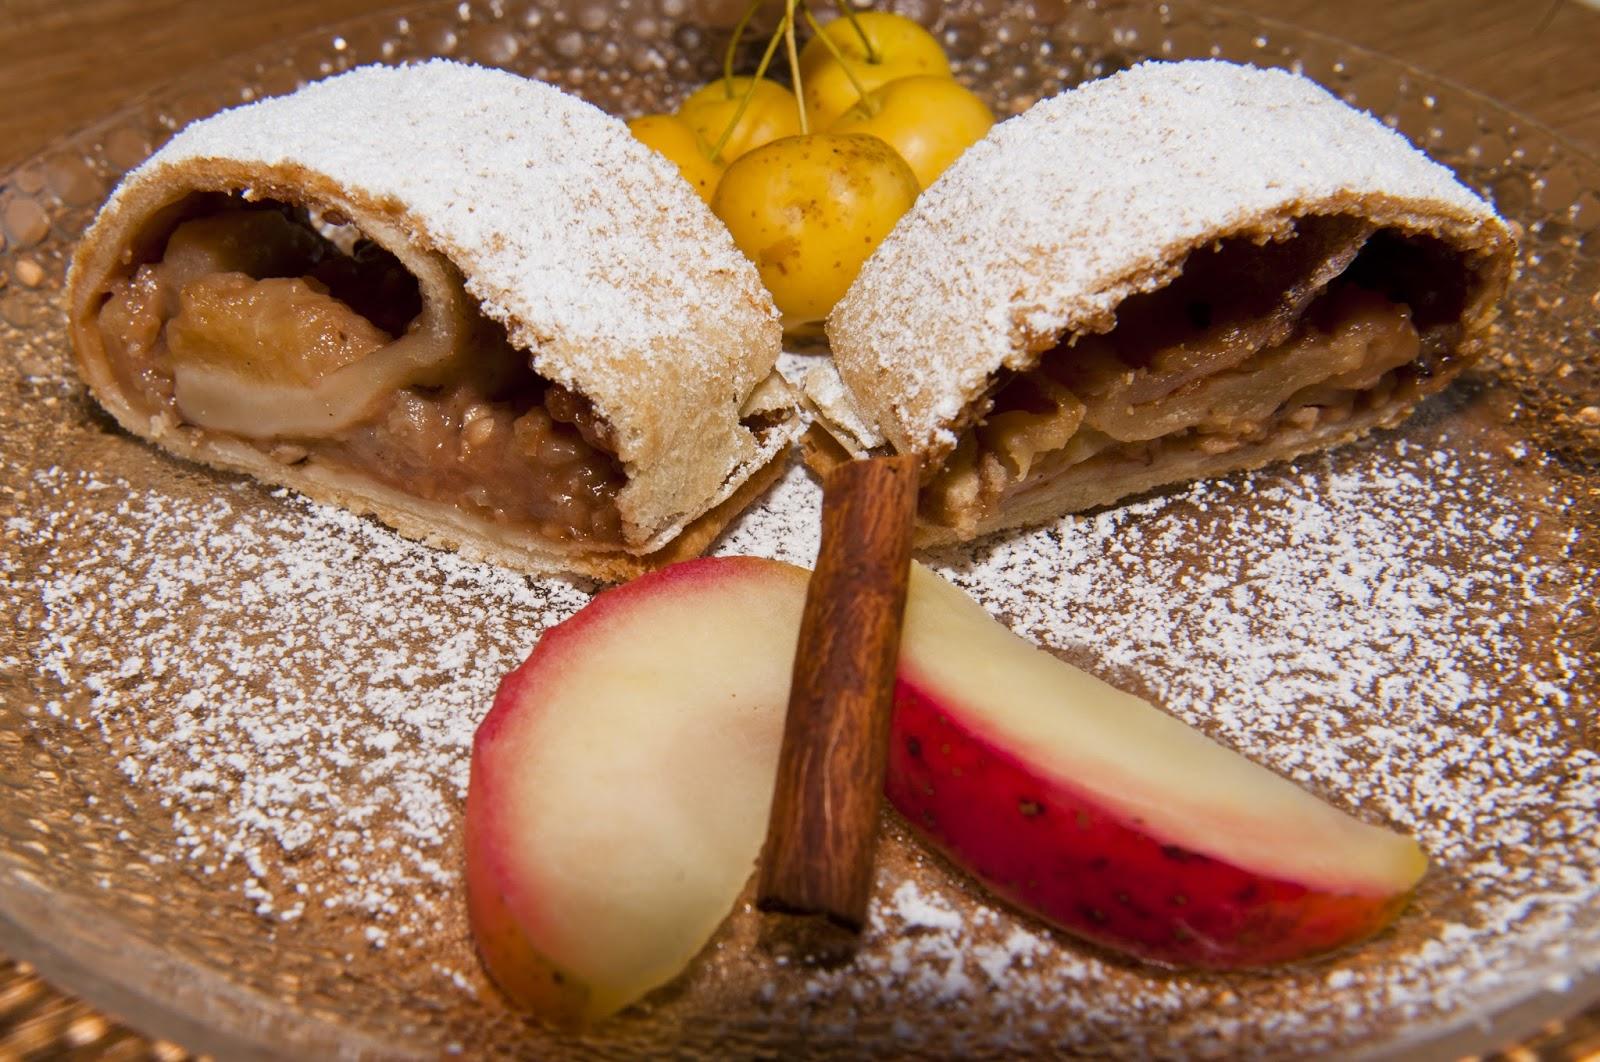 Apfel - Nuss Strudel im Landhaus Blumengarten, Herbst Dessert